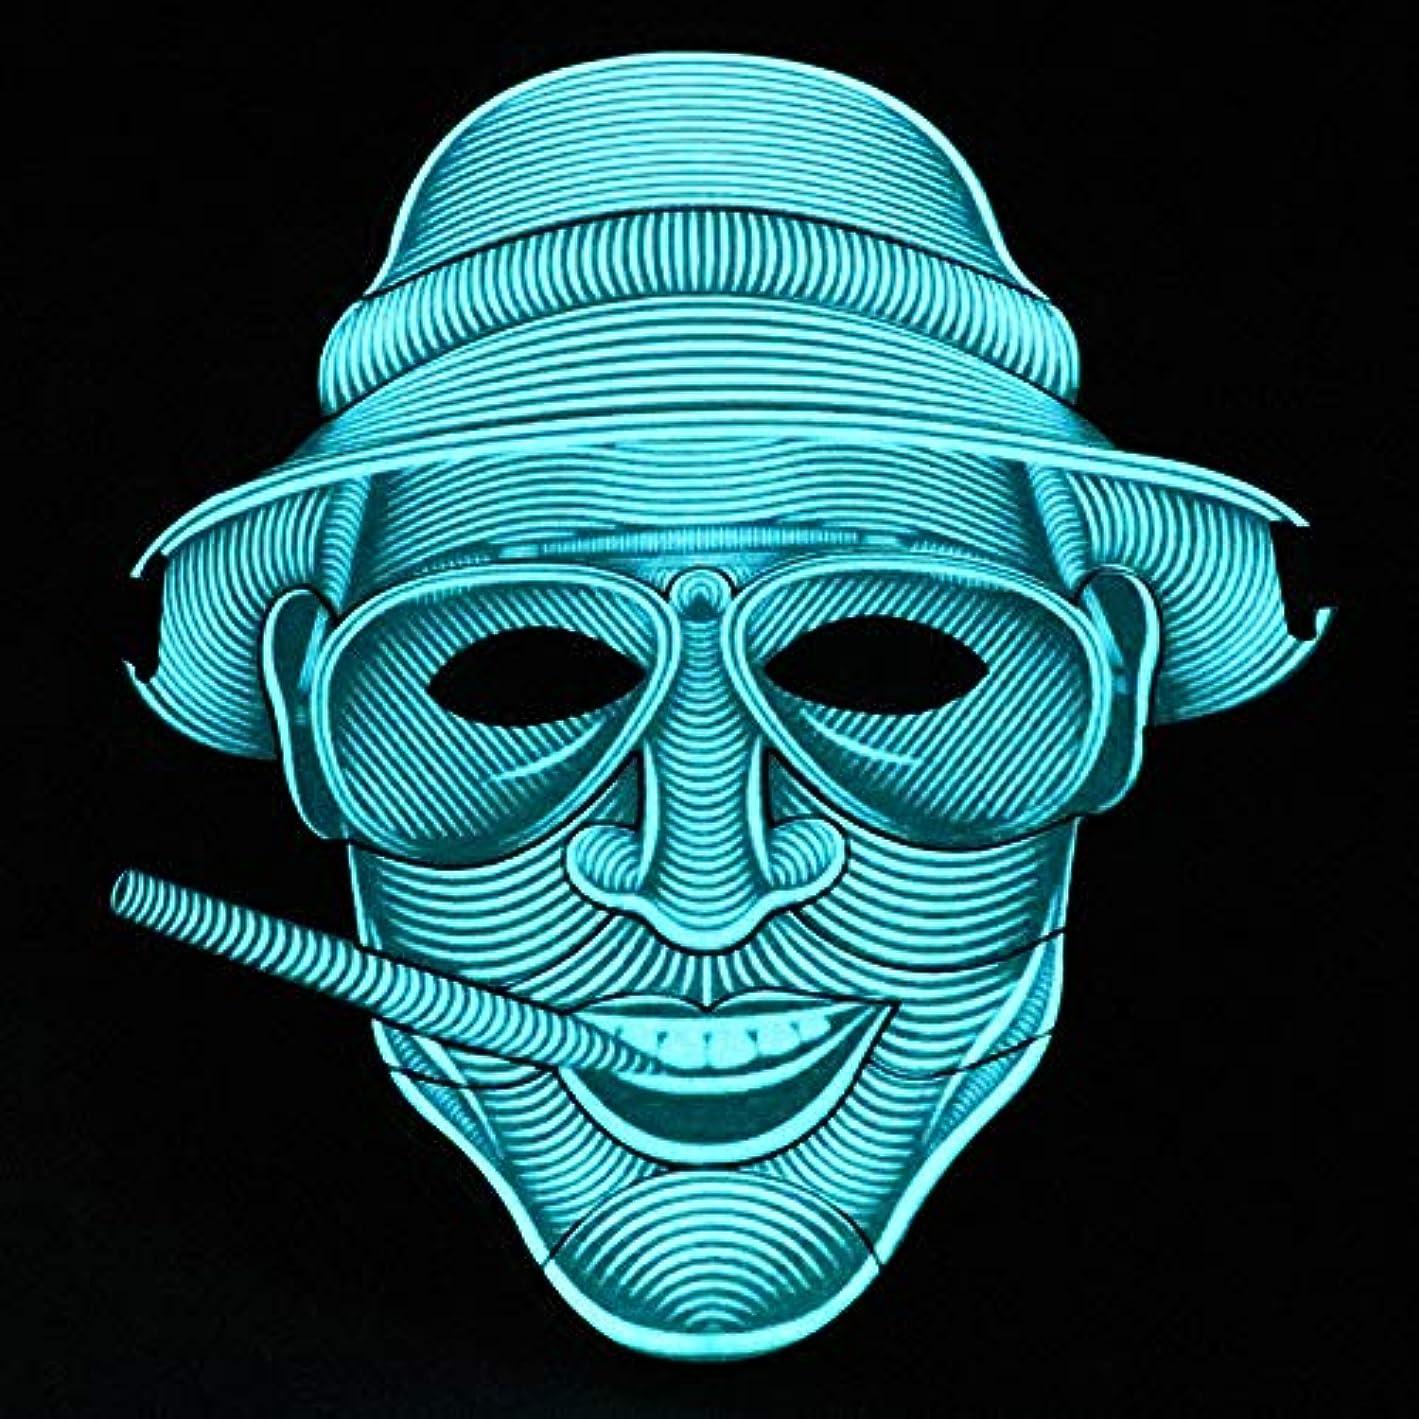 日焼けアンティーク担当者照らされたマスクLED創造的な冷光音響制御マスクハロウィンバーフェスティバルダンスマスク (Color : #7)